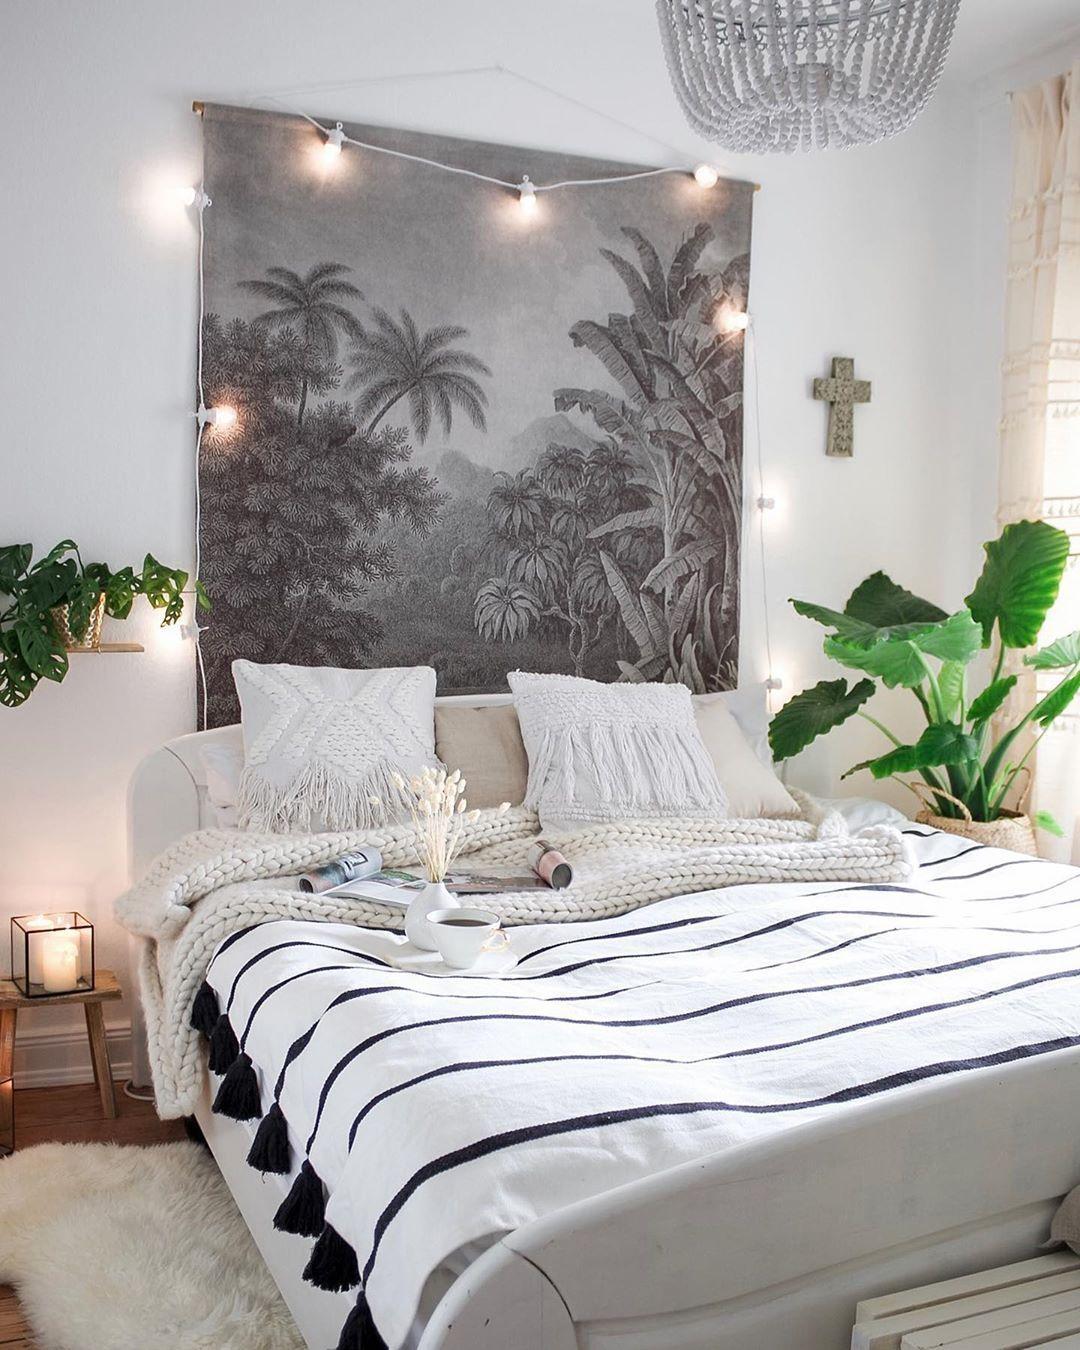 Full Size of Wandbilder Schlafzimmer Wandbild Inspiration Gestaltungsideen Bei Couch Led Deckenleuchte Wohnzimmer Landhausstil Klimagerät Für Set Weiß Betten Mit Schlafzimmer Wandbilder Schlafzimmer